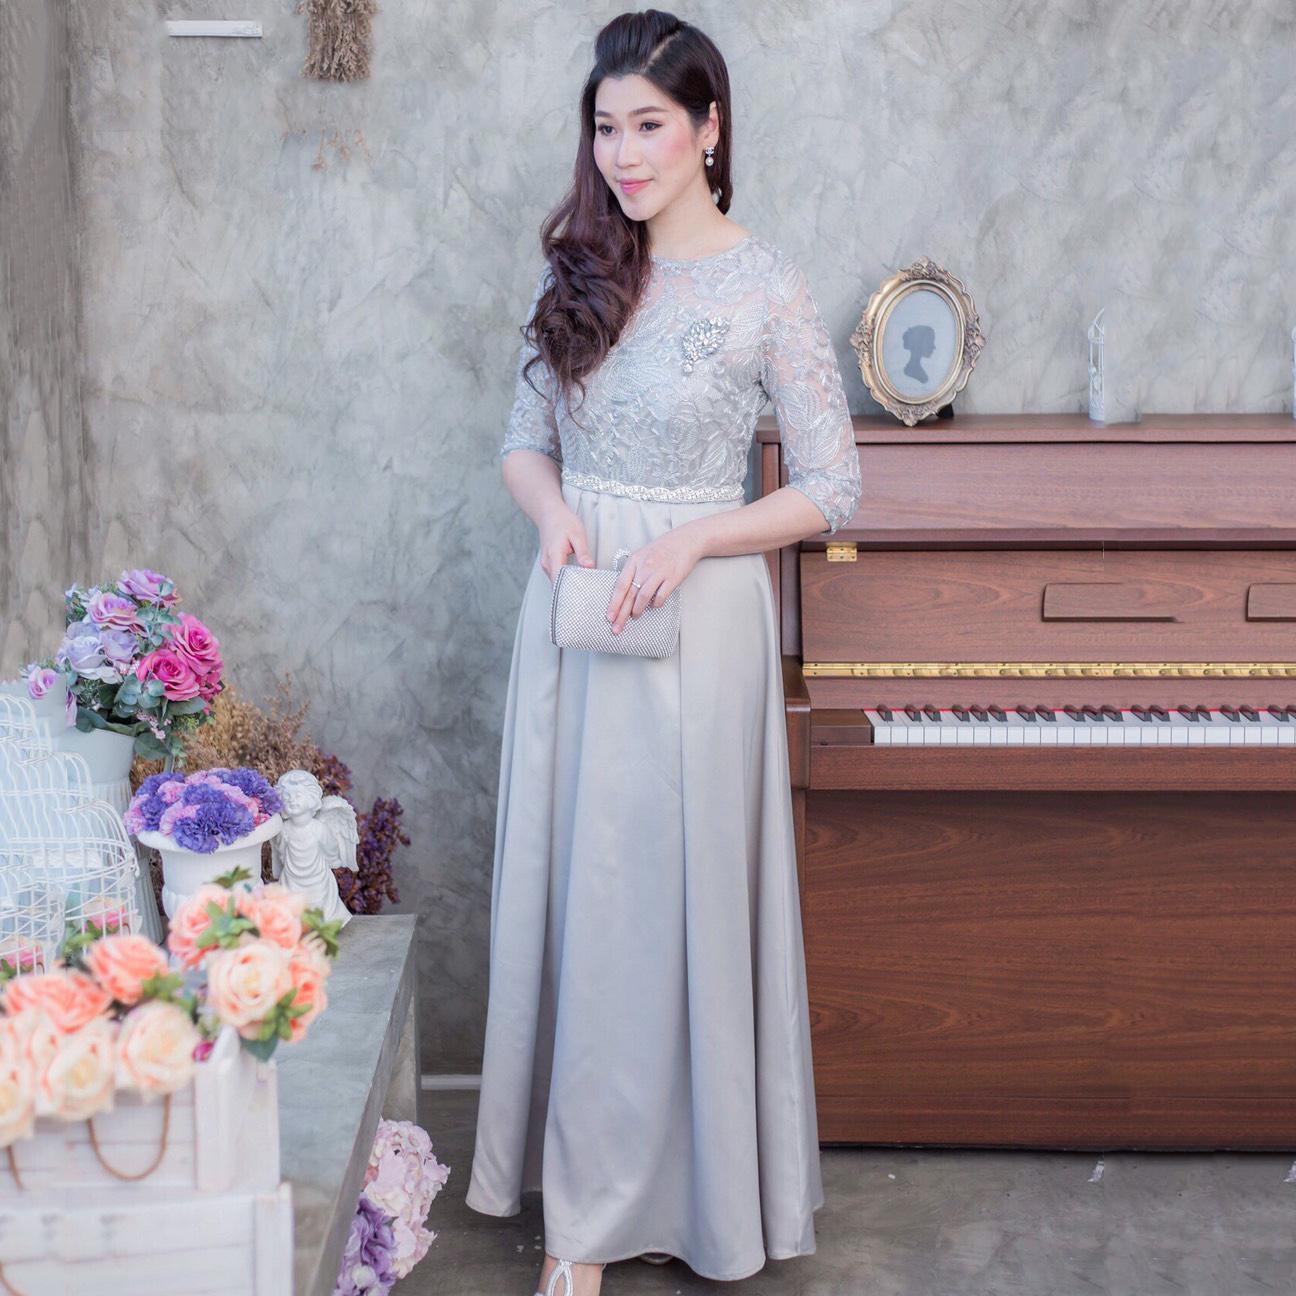 ชุดเดรสยาวออกงานสีเทา ลูกไม้ลายใบไม้ปักดิ้น แนวเรียบหรู สวยสง่า สไตล์ผู้ใหญ่ เหมาะสำหรับใส่ออกงาน ไปงานแต่งงาน ชุดถือขันหมาก ชุดแม่บ่าวสาว